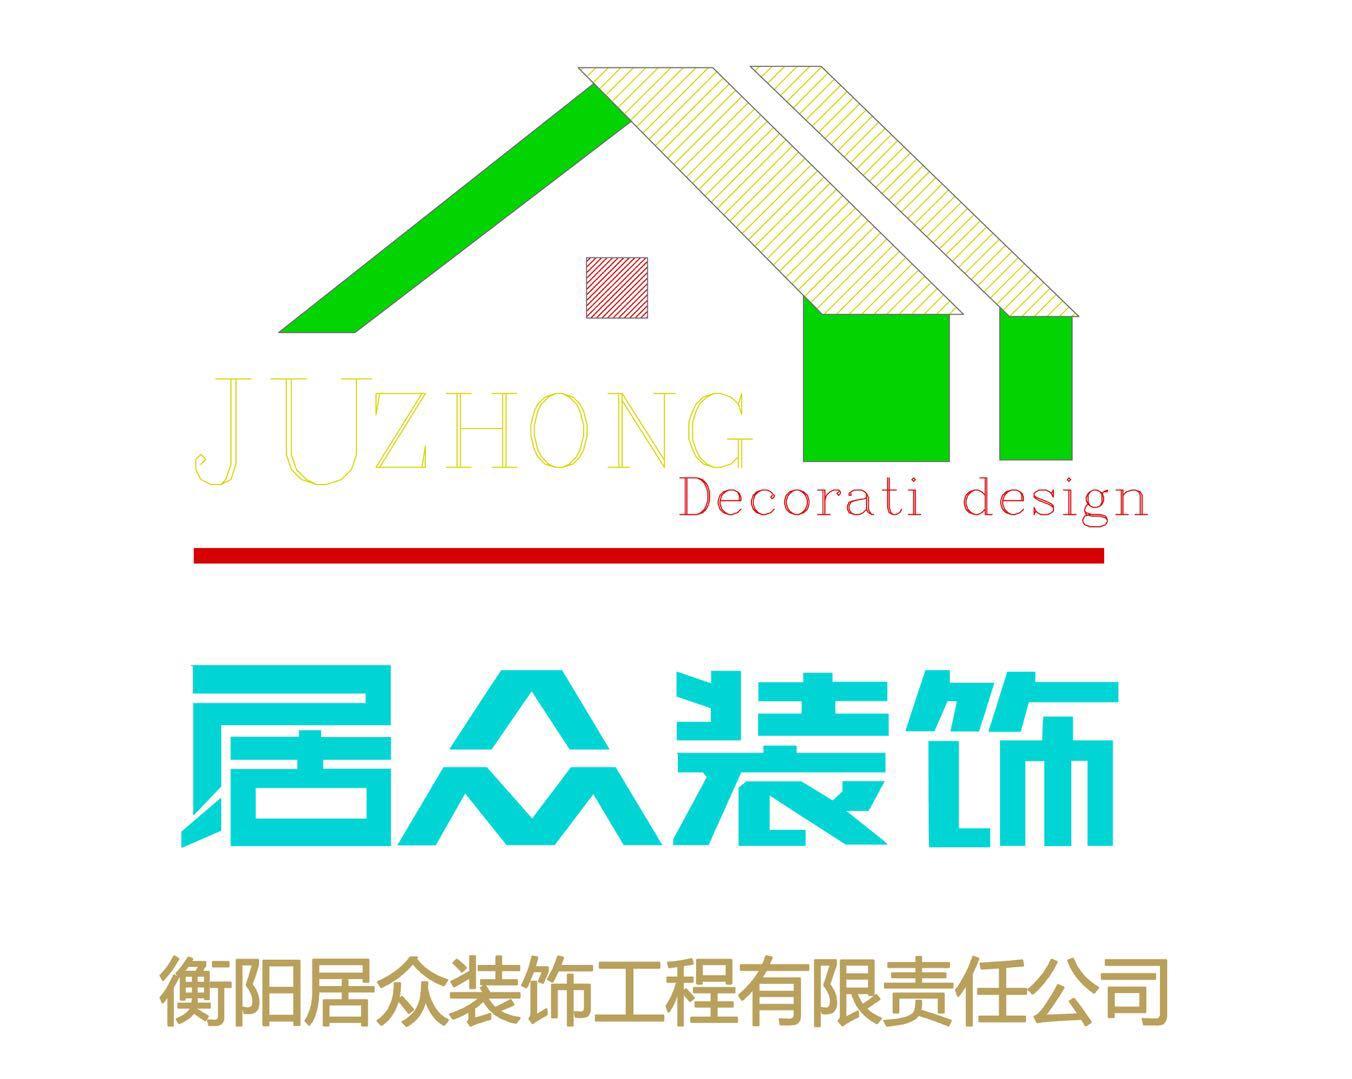 衡阳市居众装饰工程有限责任公司